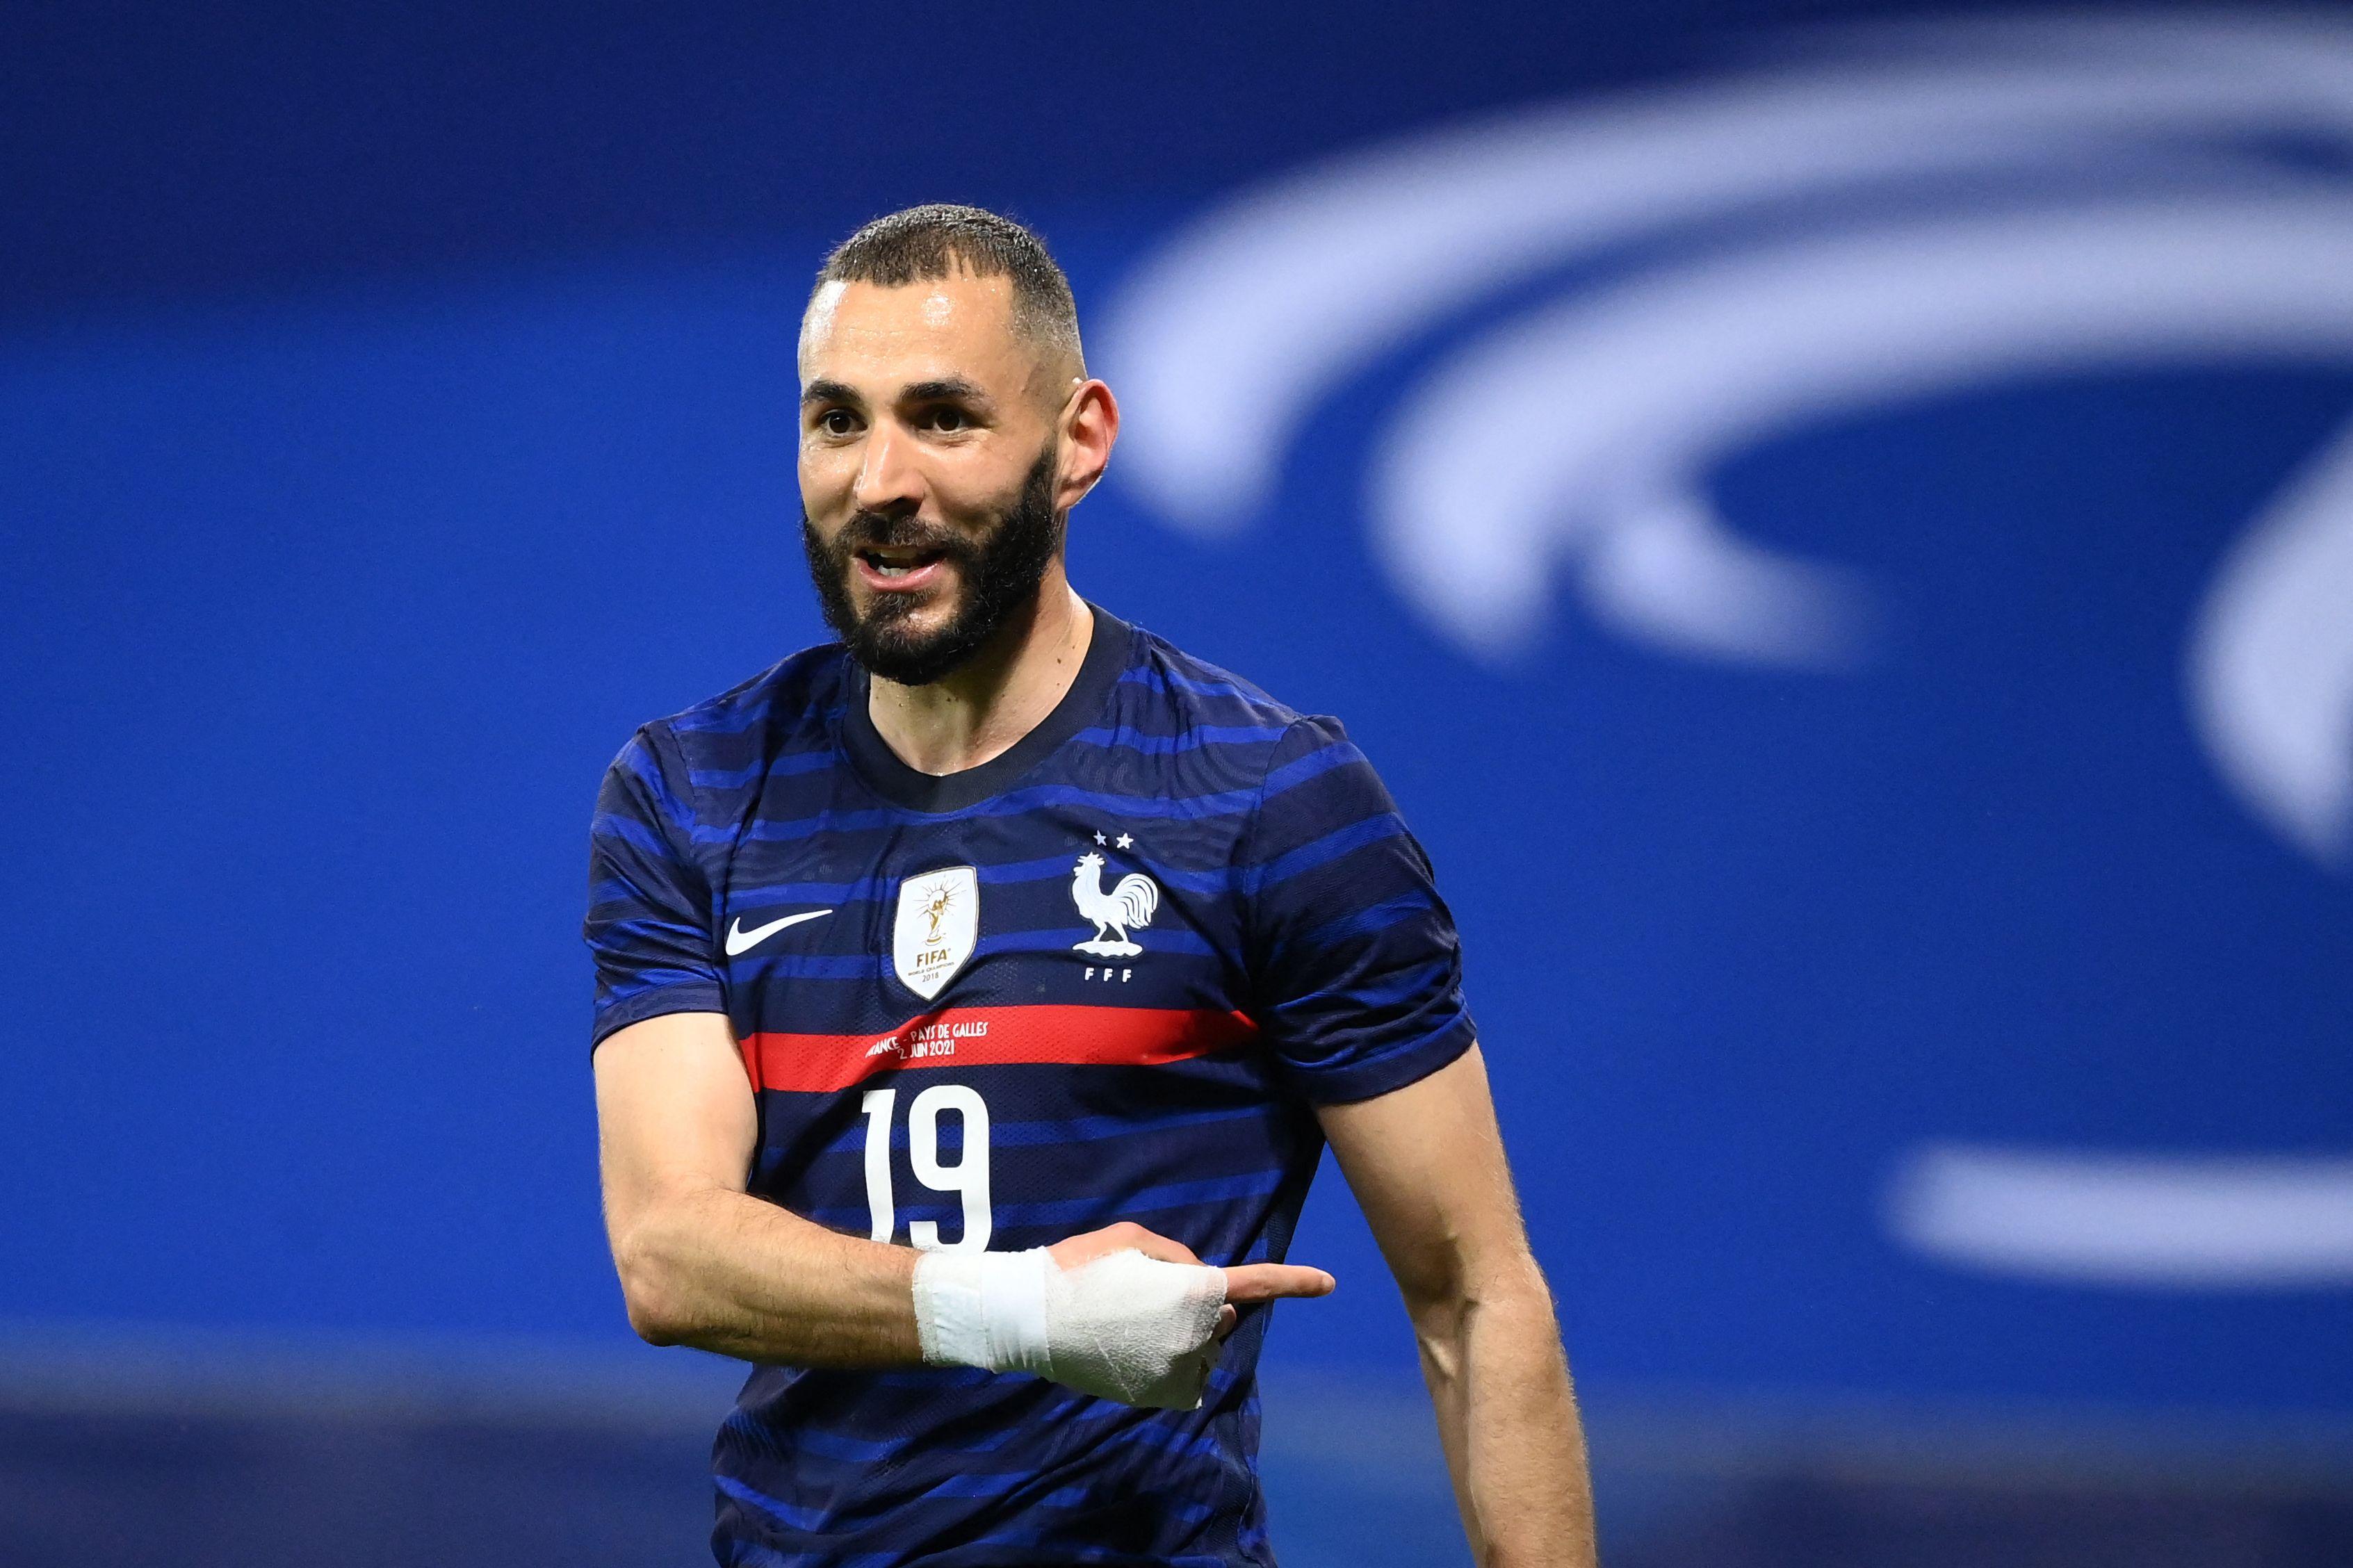 EURO 2020: pieci iemesli, kāpēc šis turnīrs būs interesants ne tikai futbola faniem